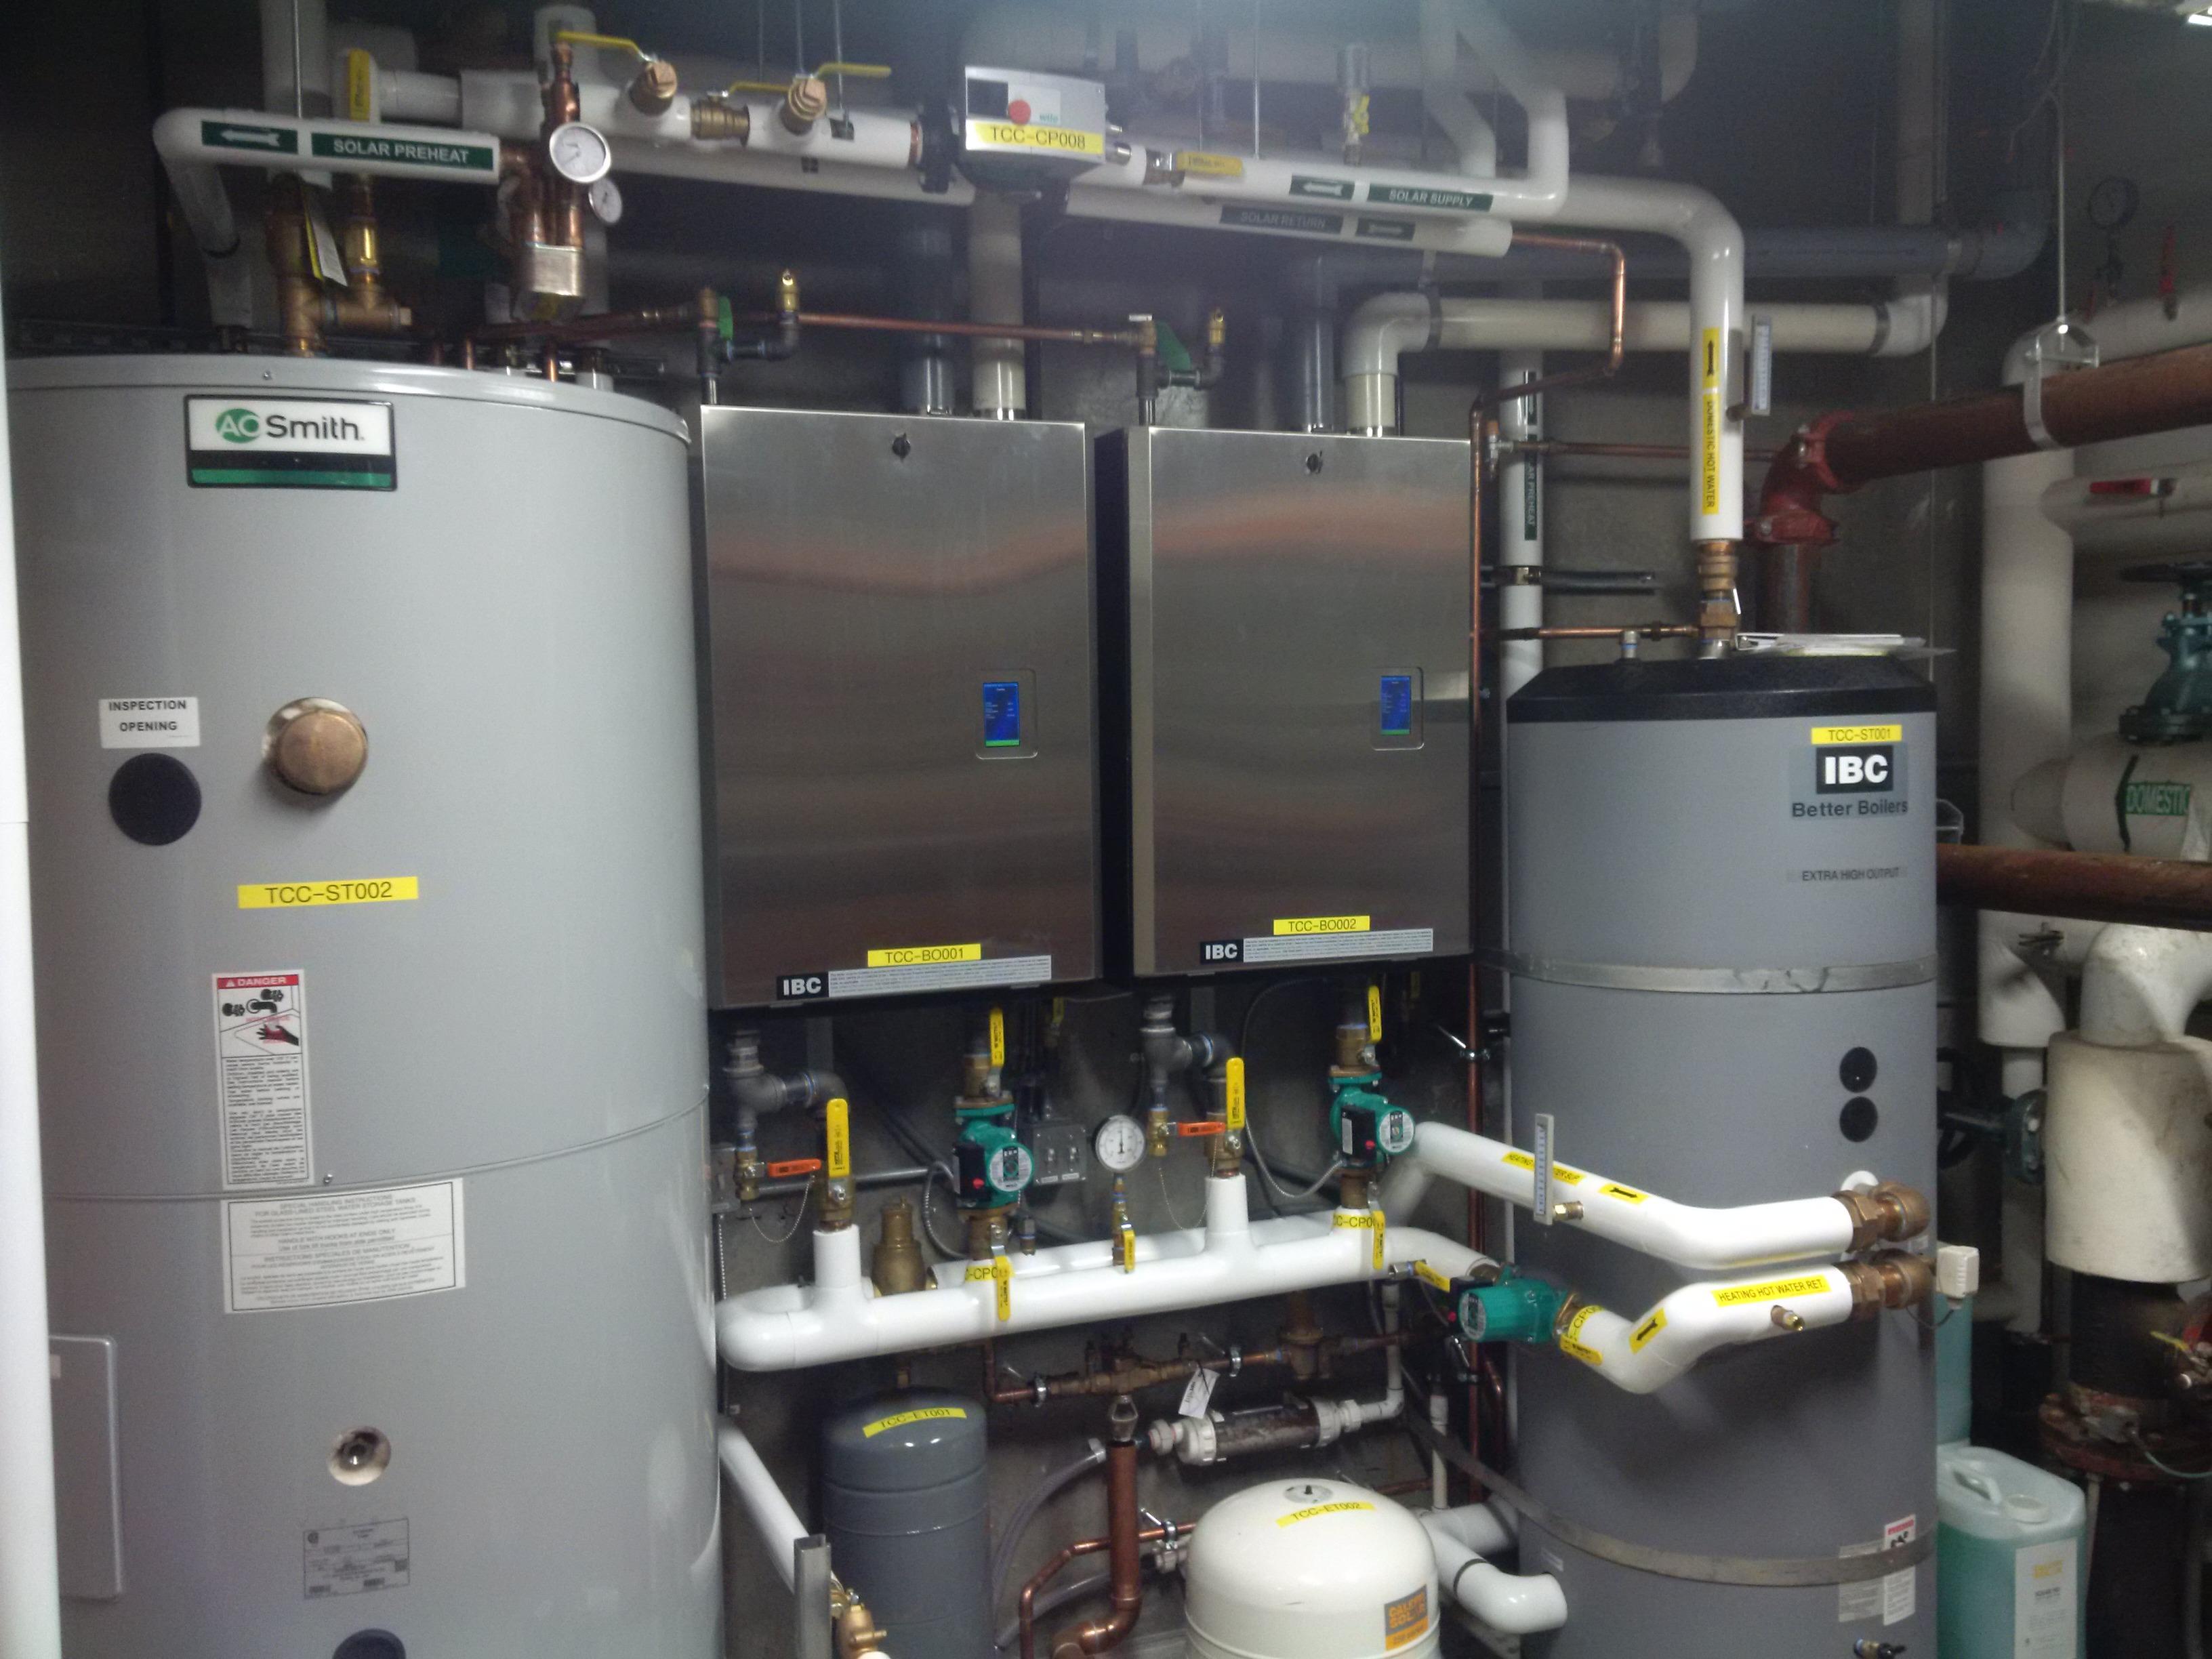 Solar and Boiler Community Center Retrofit | Stage 3 Renewables